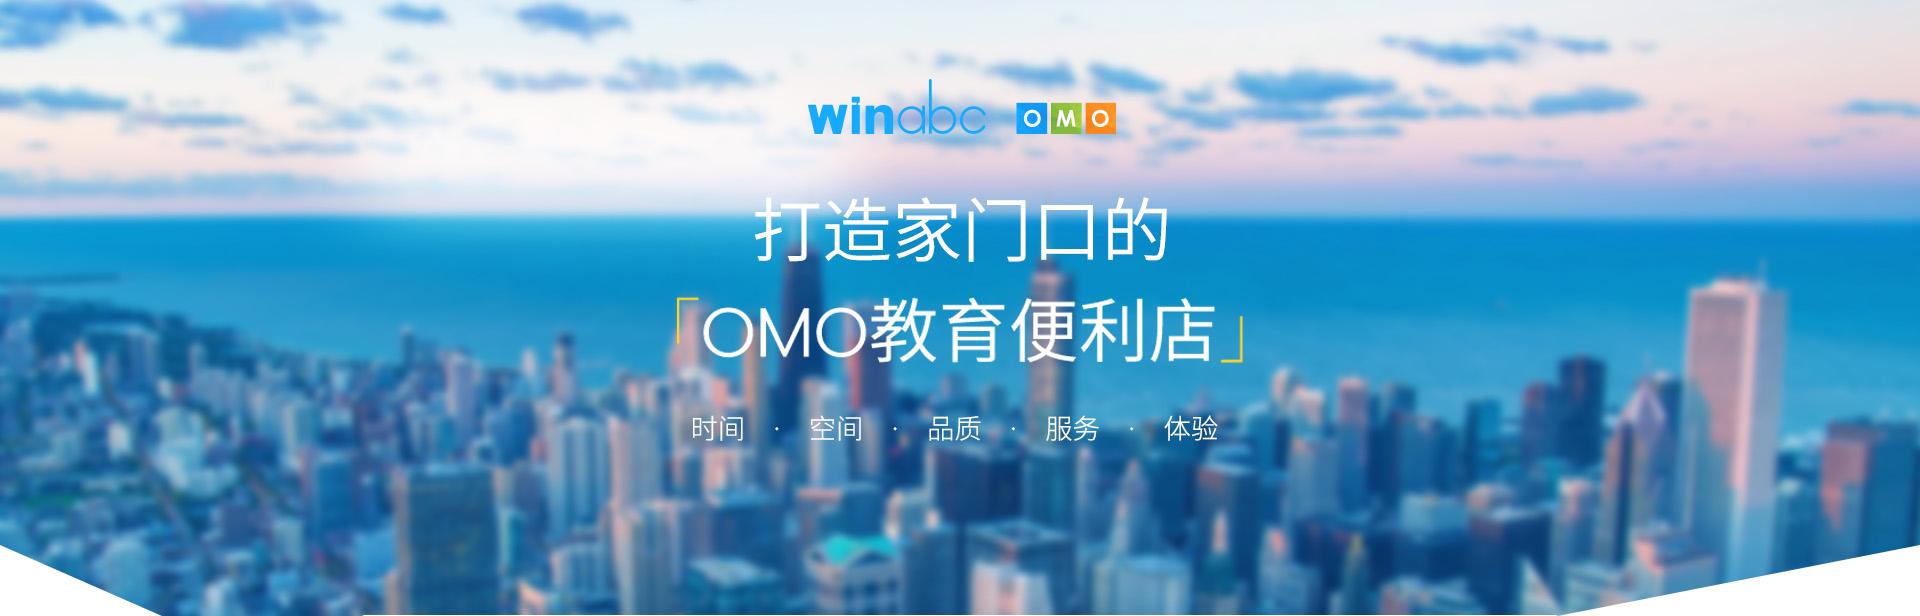 WinABC少兒融合英語winabc_01